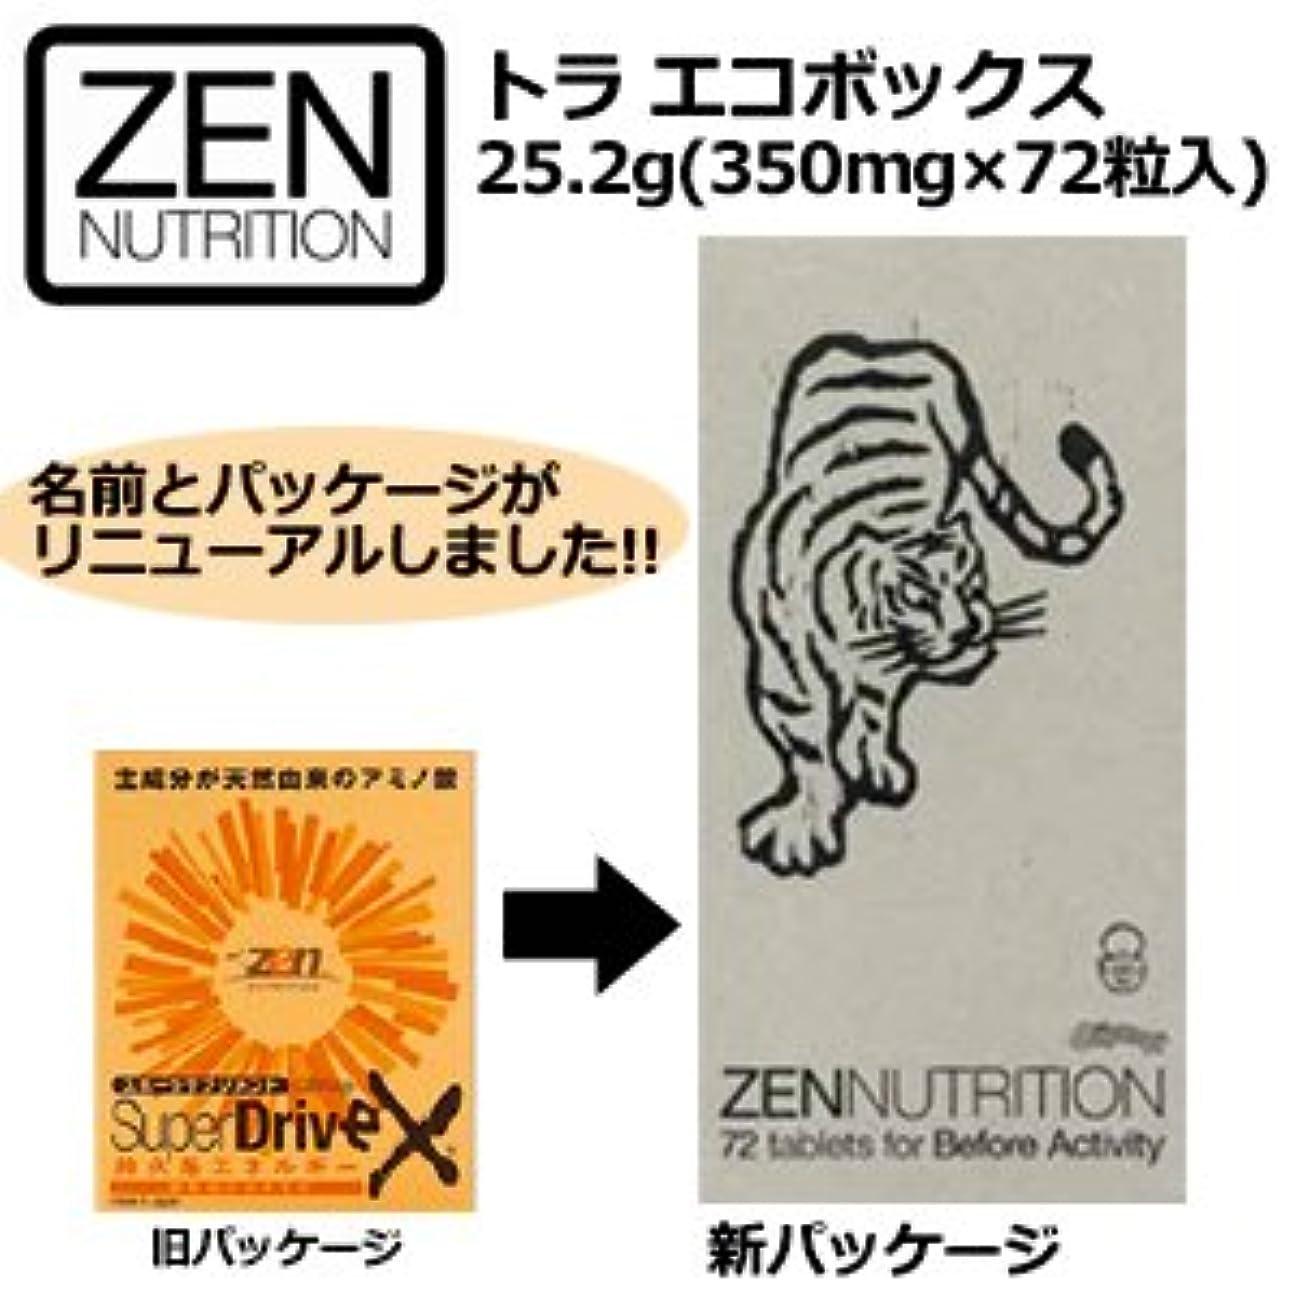 ZEN ゼン SUPER DRIVE スーパードライブEX 虎 とら サプリメント アミノ酸●トラ エコボックス 25.2g